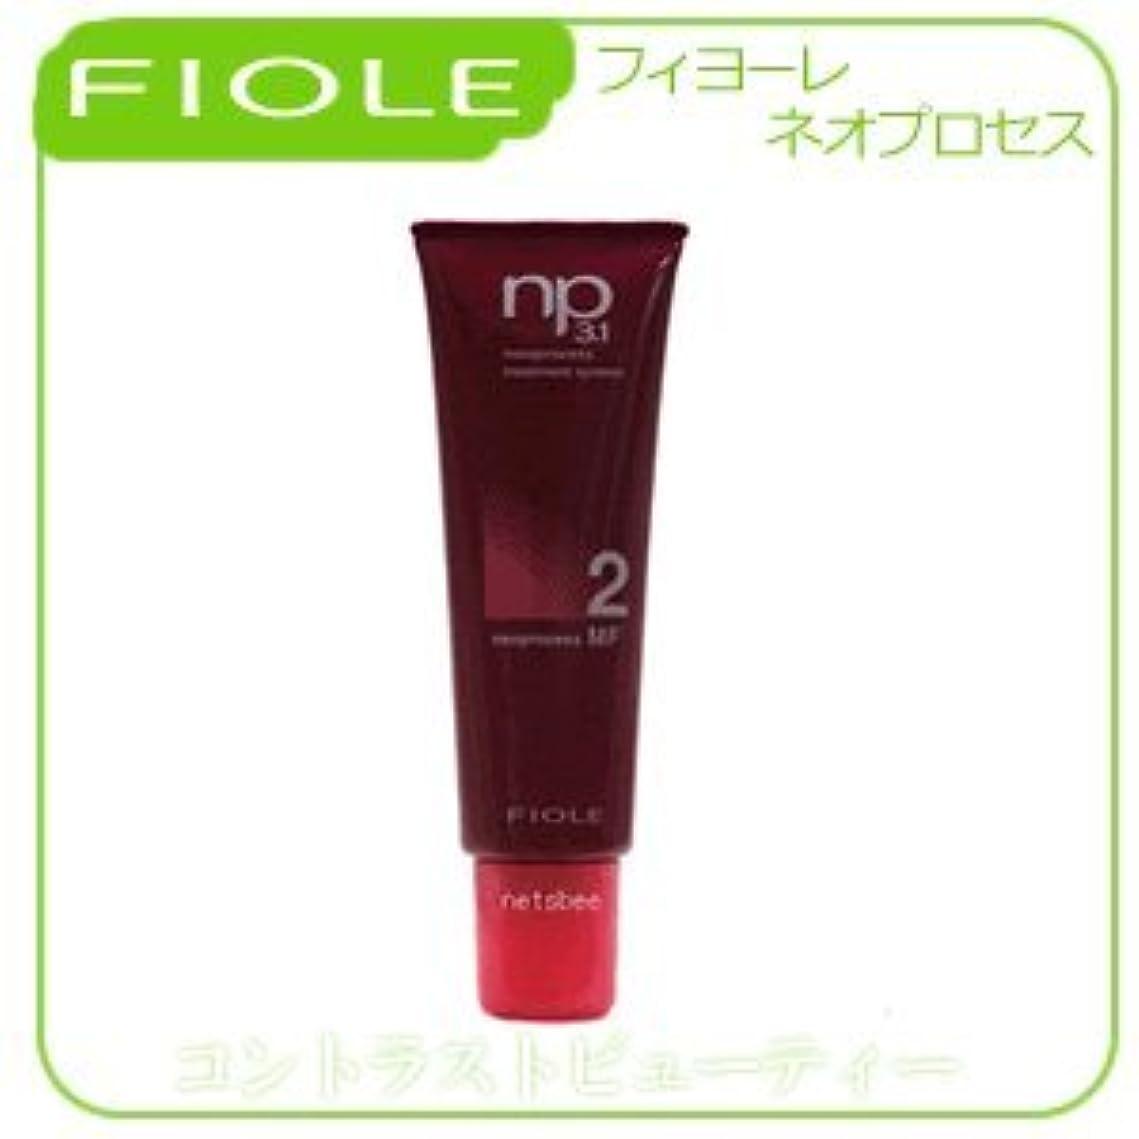 フィヨーレ NP3.1 ネオプロセス MF2 130g FIOLE ネオプロセス